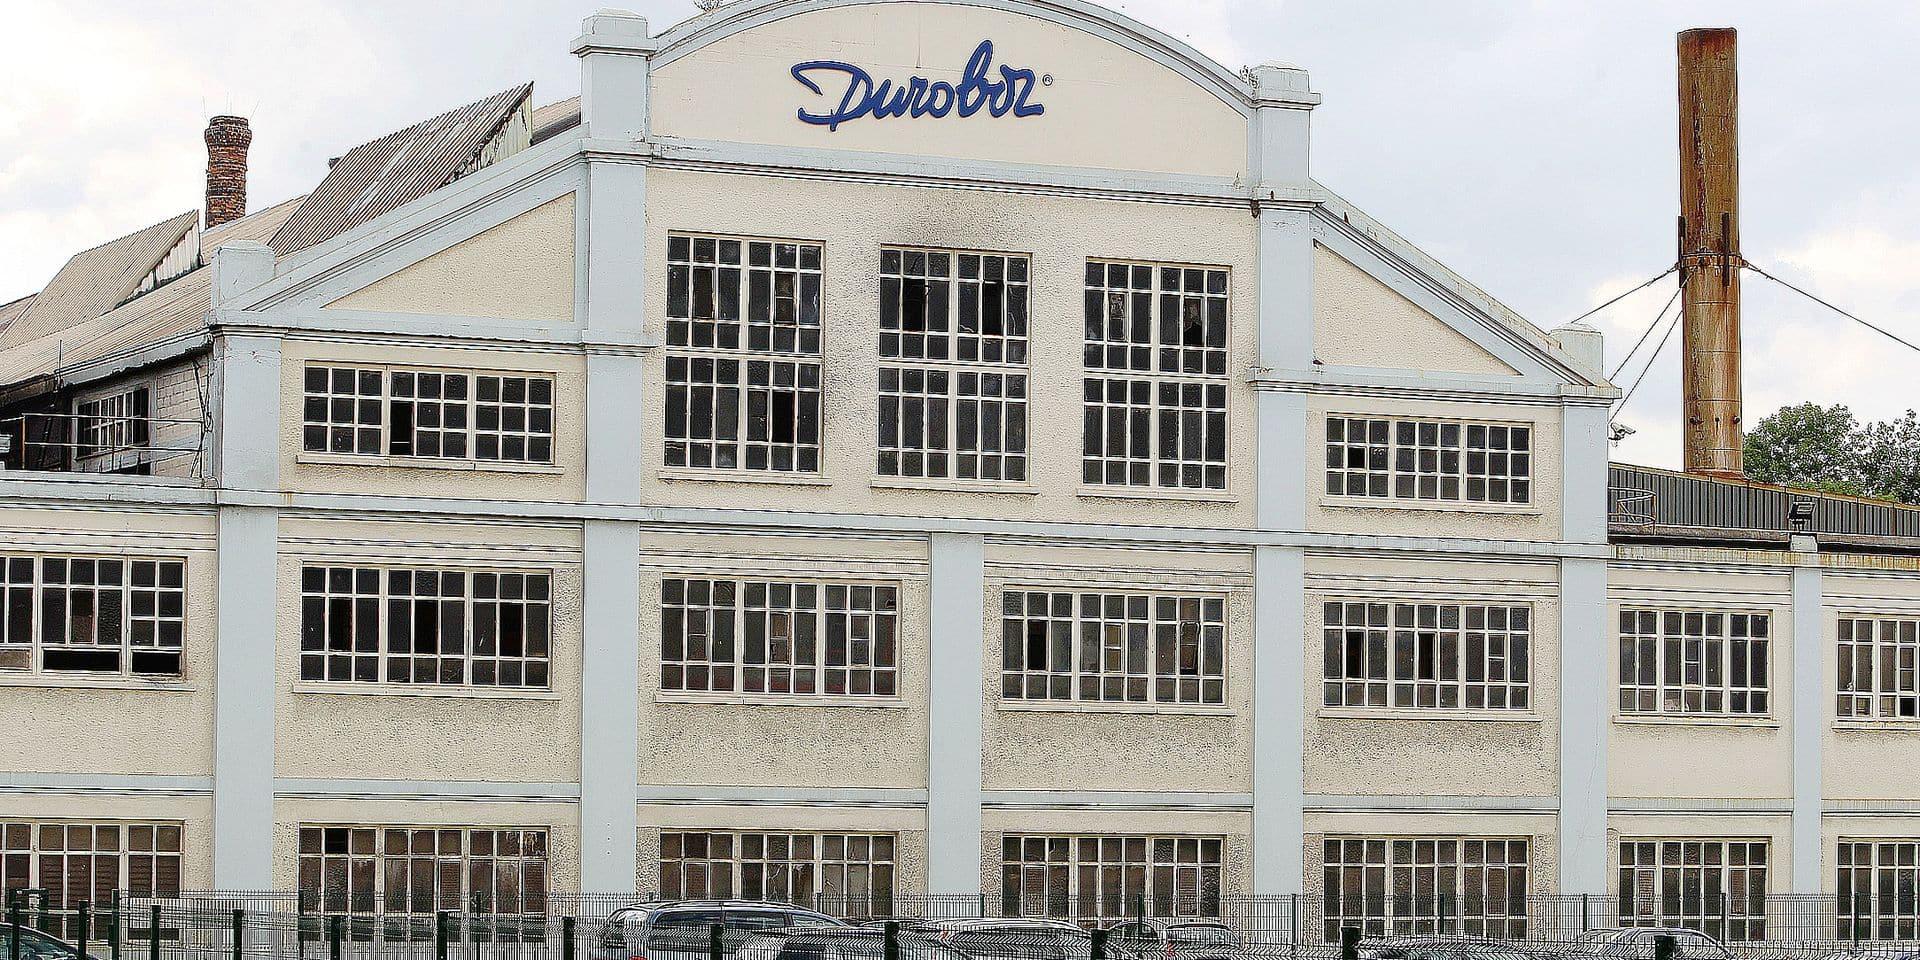 L'avenir du site Durobor discuté dès septembre